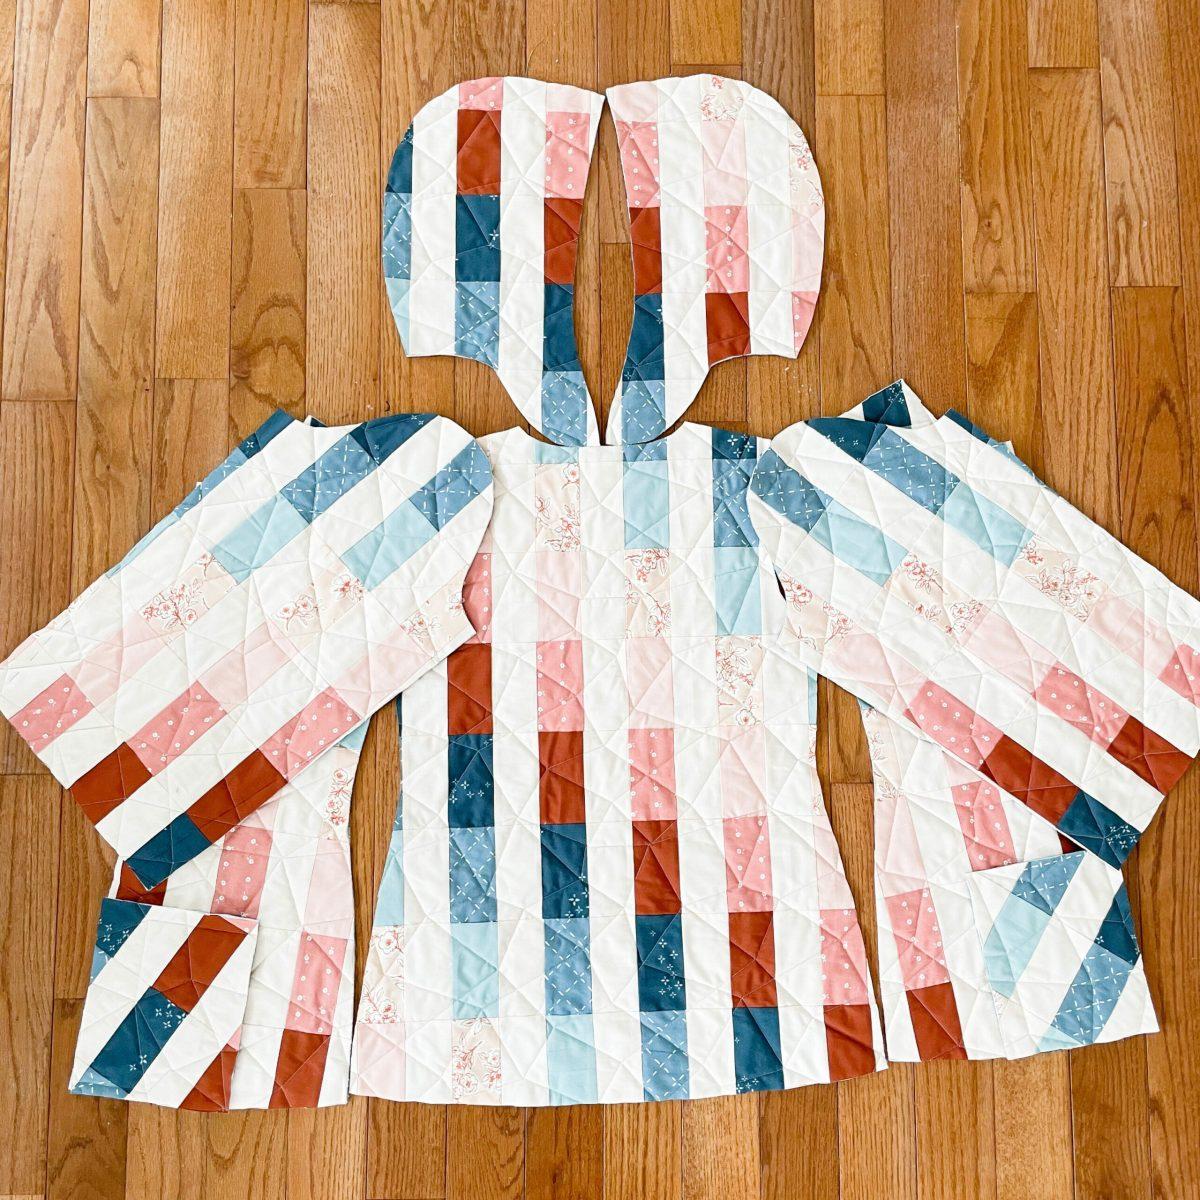 jacket pieces on floor